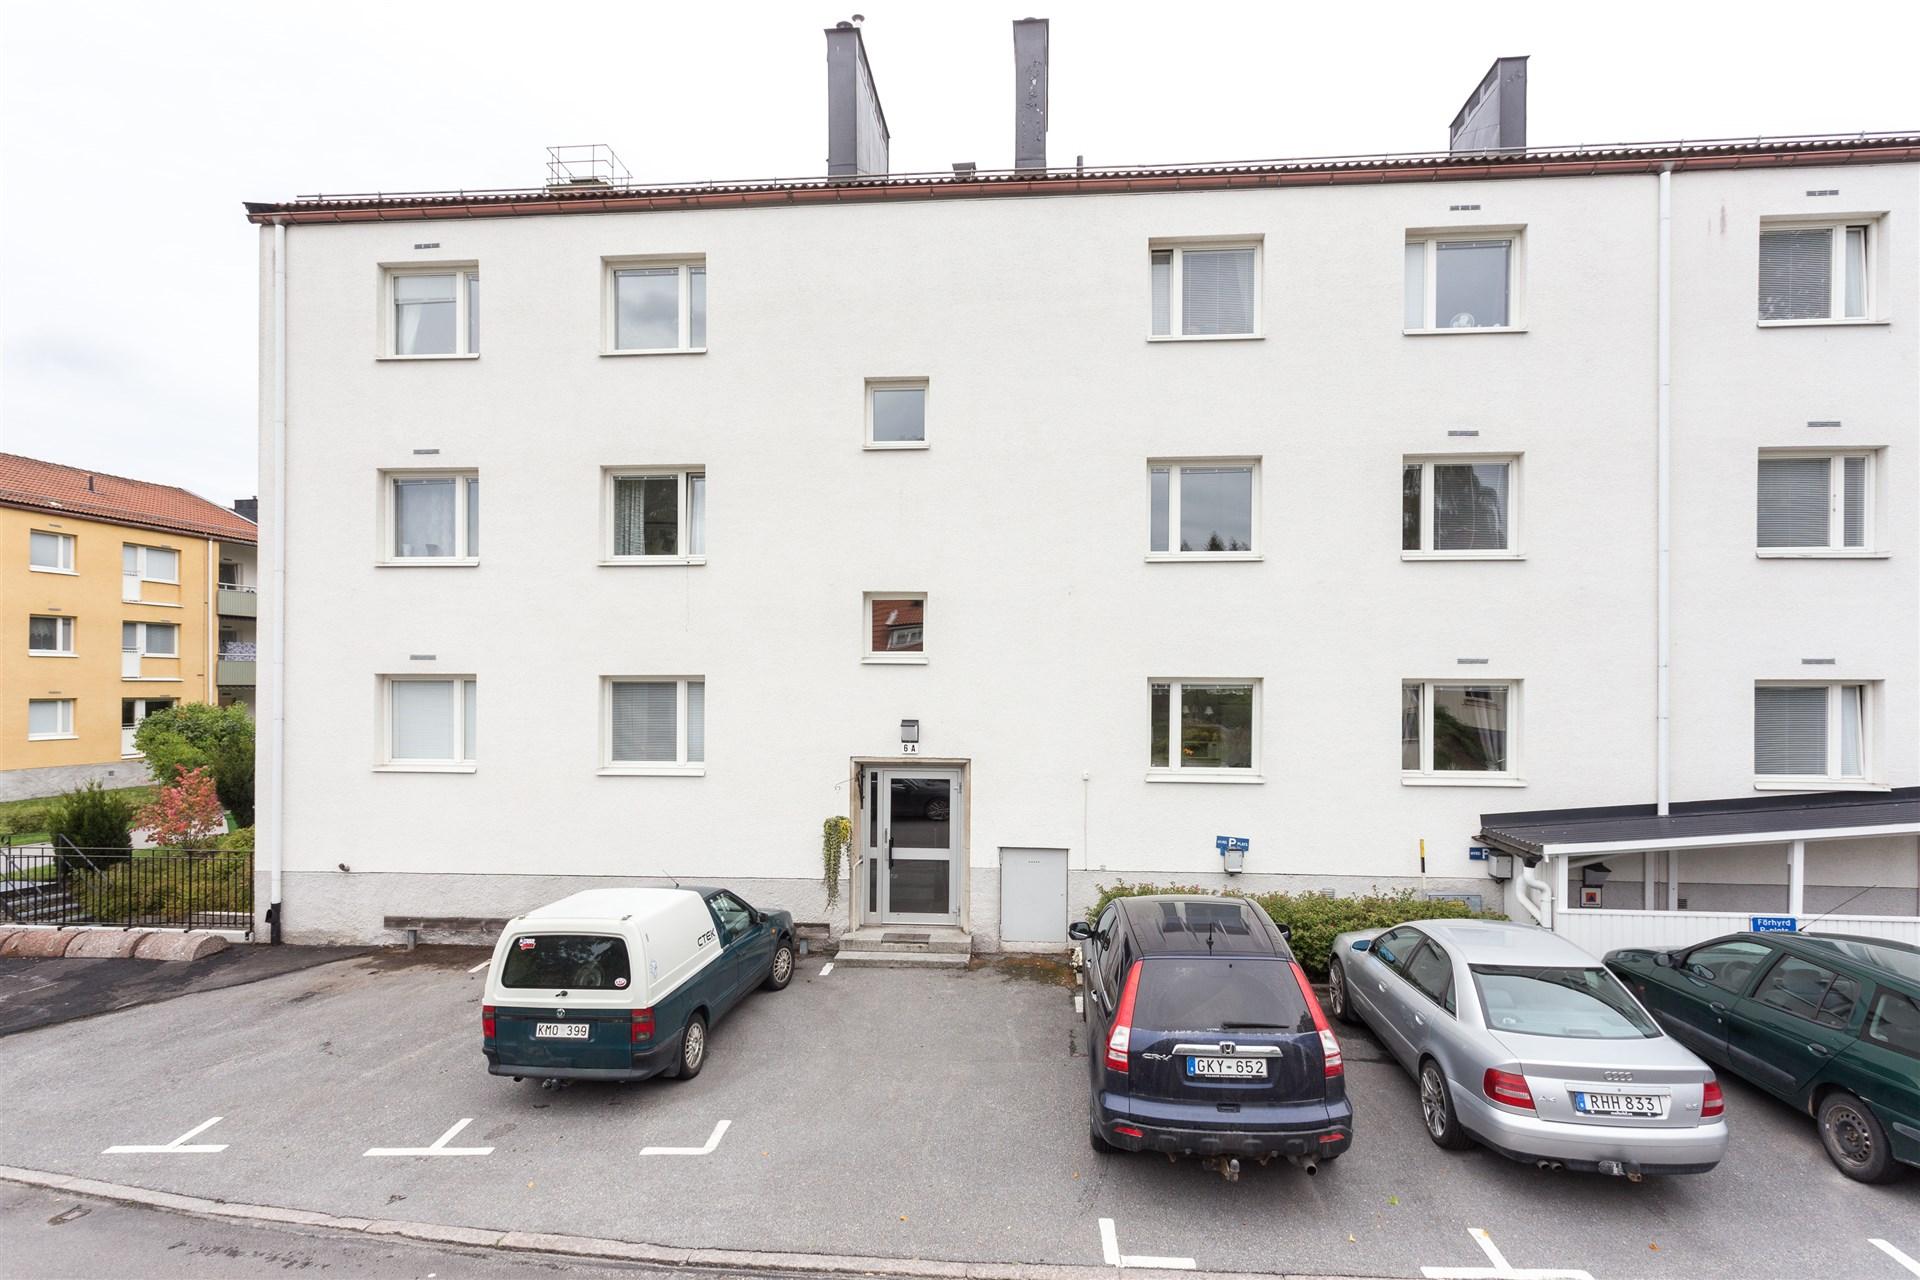 Framsidan på huset med parkeringsplatser.